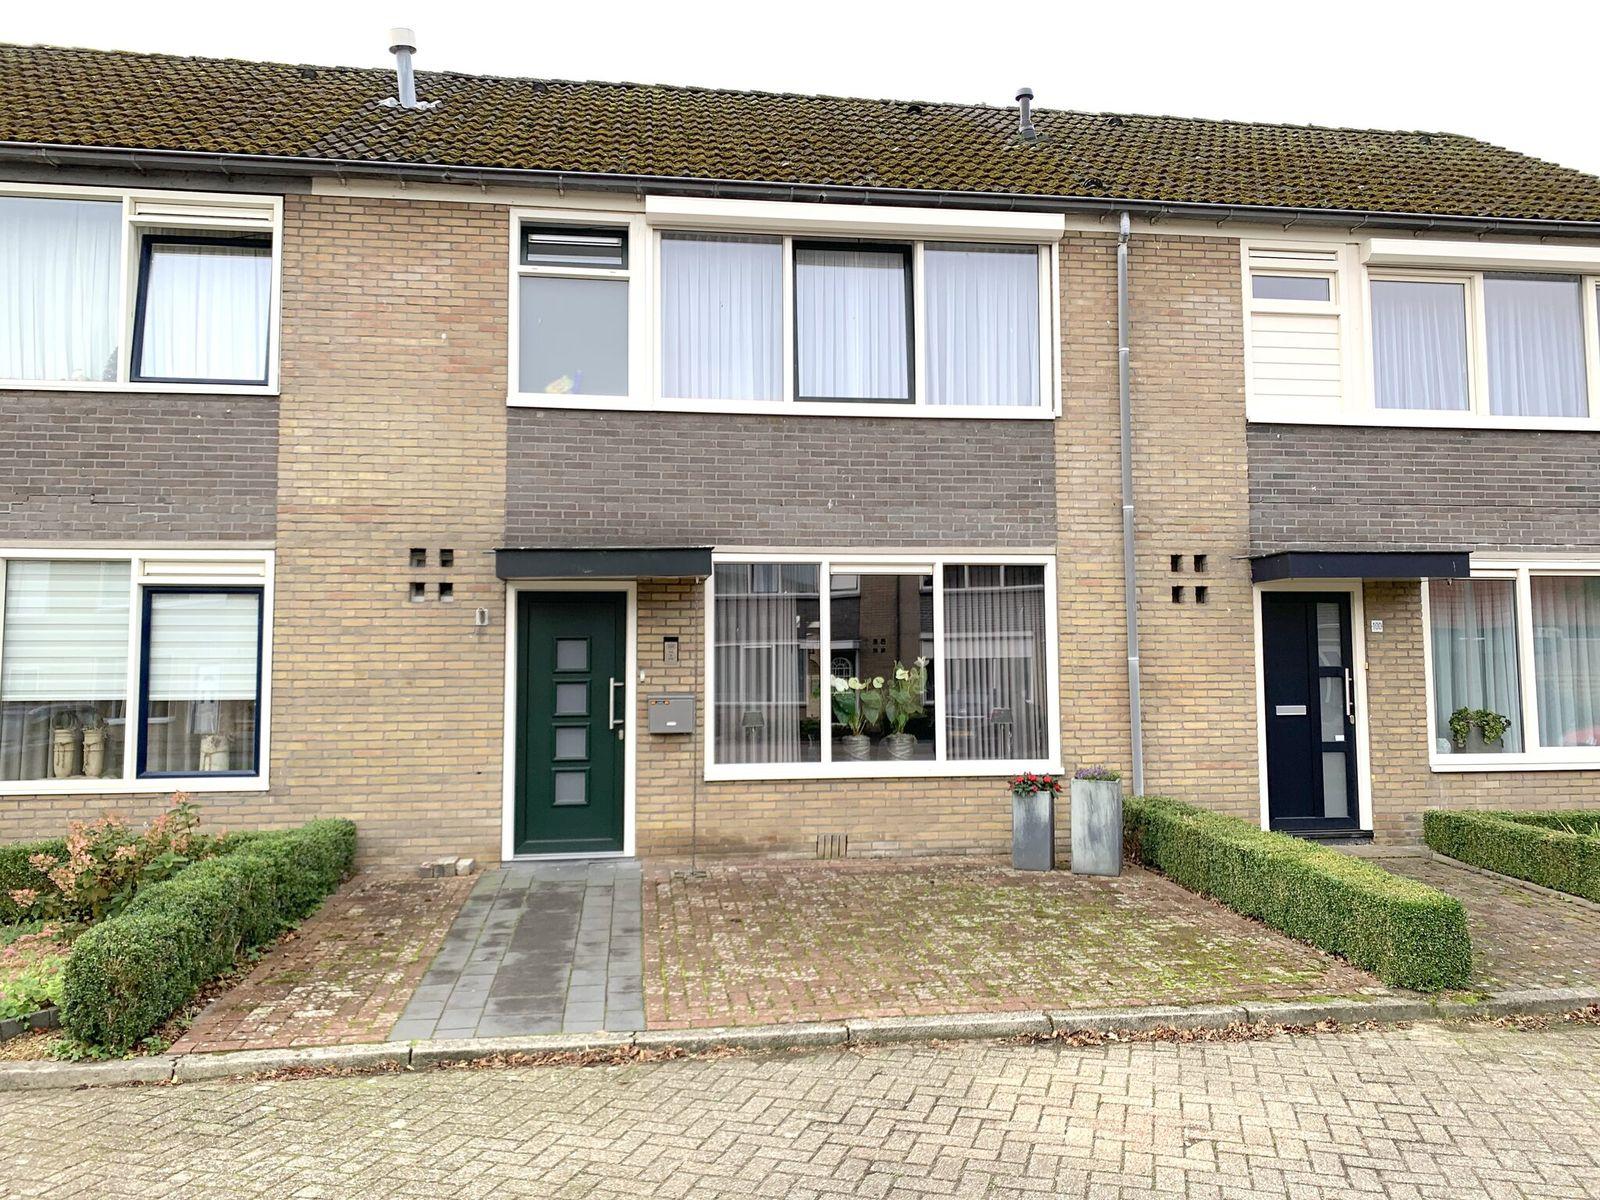 Uithof 102, Schoonebeek